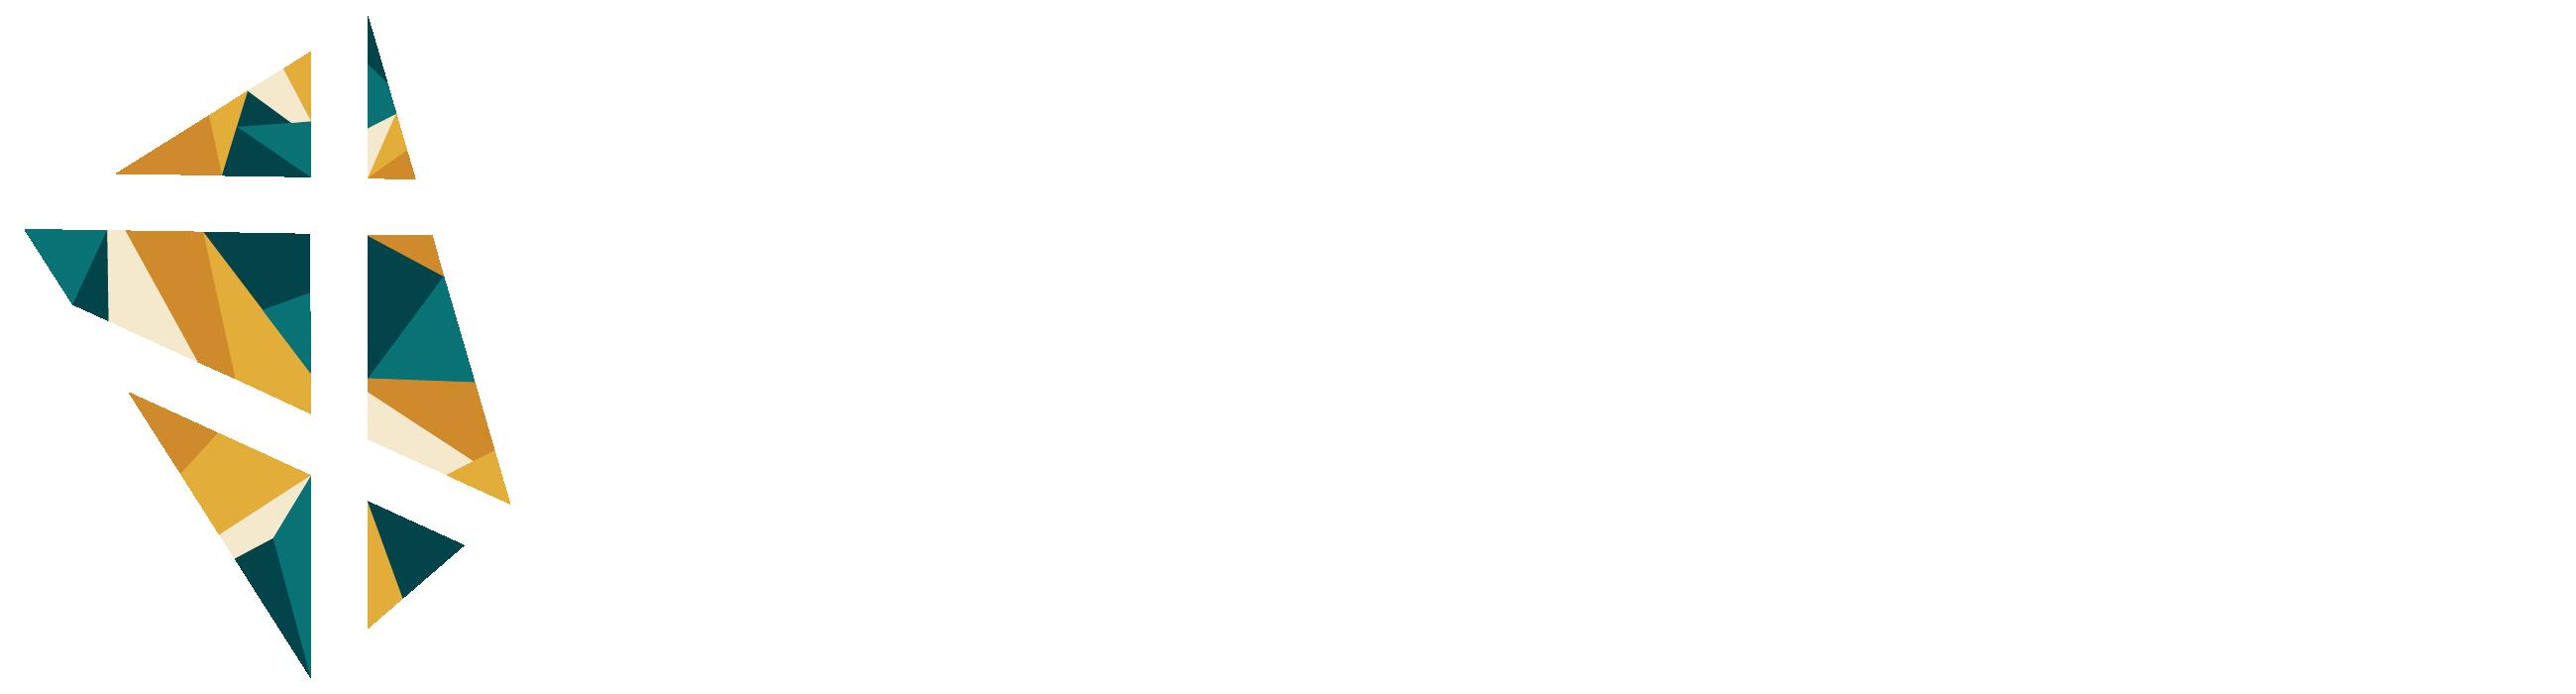 Focus Crossroads